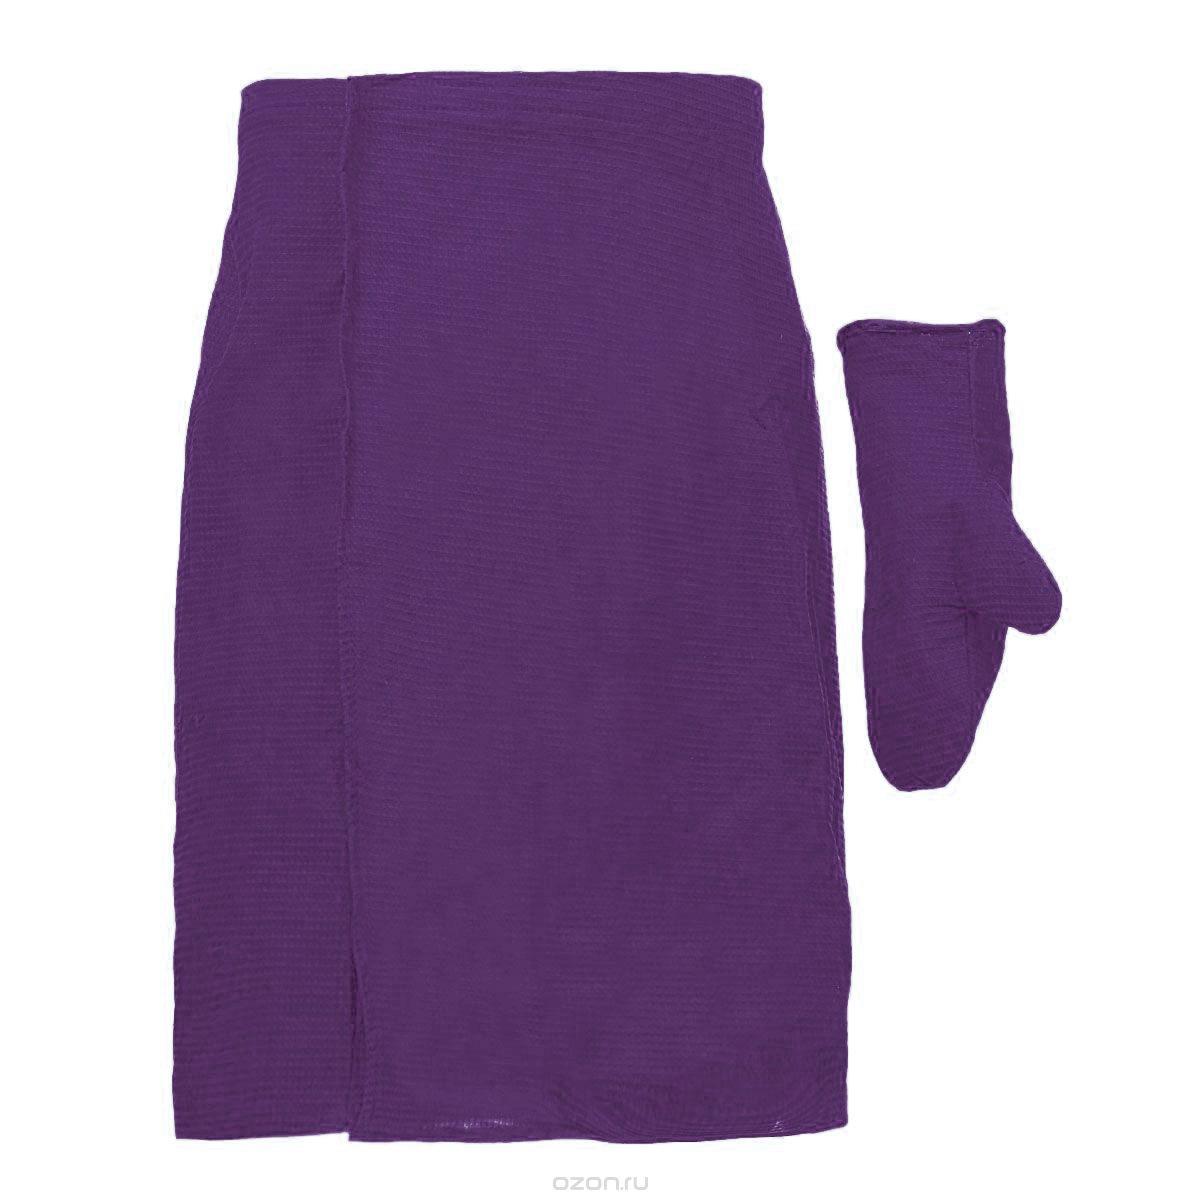 Комплект для бани и сауны Банные штучки, мужской, цвет: фиолетовый, 2 предмета. 3206432064_фиолетовыйКомплект для сауны и бани Банные штучки изготовлен из натурального, хорошо впитывающего влагу хлопка. Комплект состоит из однотонной вафельной накидки и рукавицы. Накидка специального кроя снабжена резинкой и застежкой-липучкой. Имеет универсальный размер. В парилке можно лежать на ней, после душа вытираться. Рукавица защитит ваши руки от ожогов, может использоваться для массажа тела. Комплект создан для активных и уверенных в себе людей. Отдых в сауне или бане - это полезный и в последнее время популярный способ время провождения. Комплект Банные штучки обеспечит вам комфорт и удобство. Размер накидки: 60 см х 145 см. Размер рукавицы: 27 см х 18,5 см.